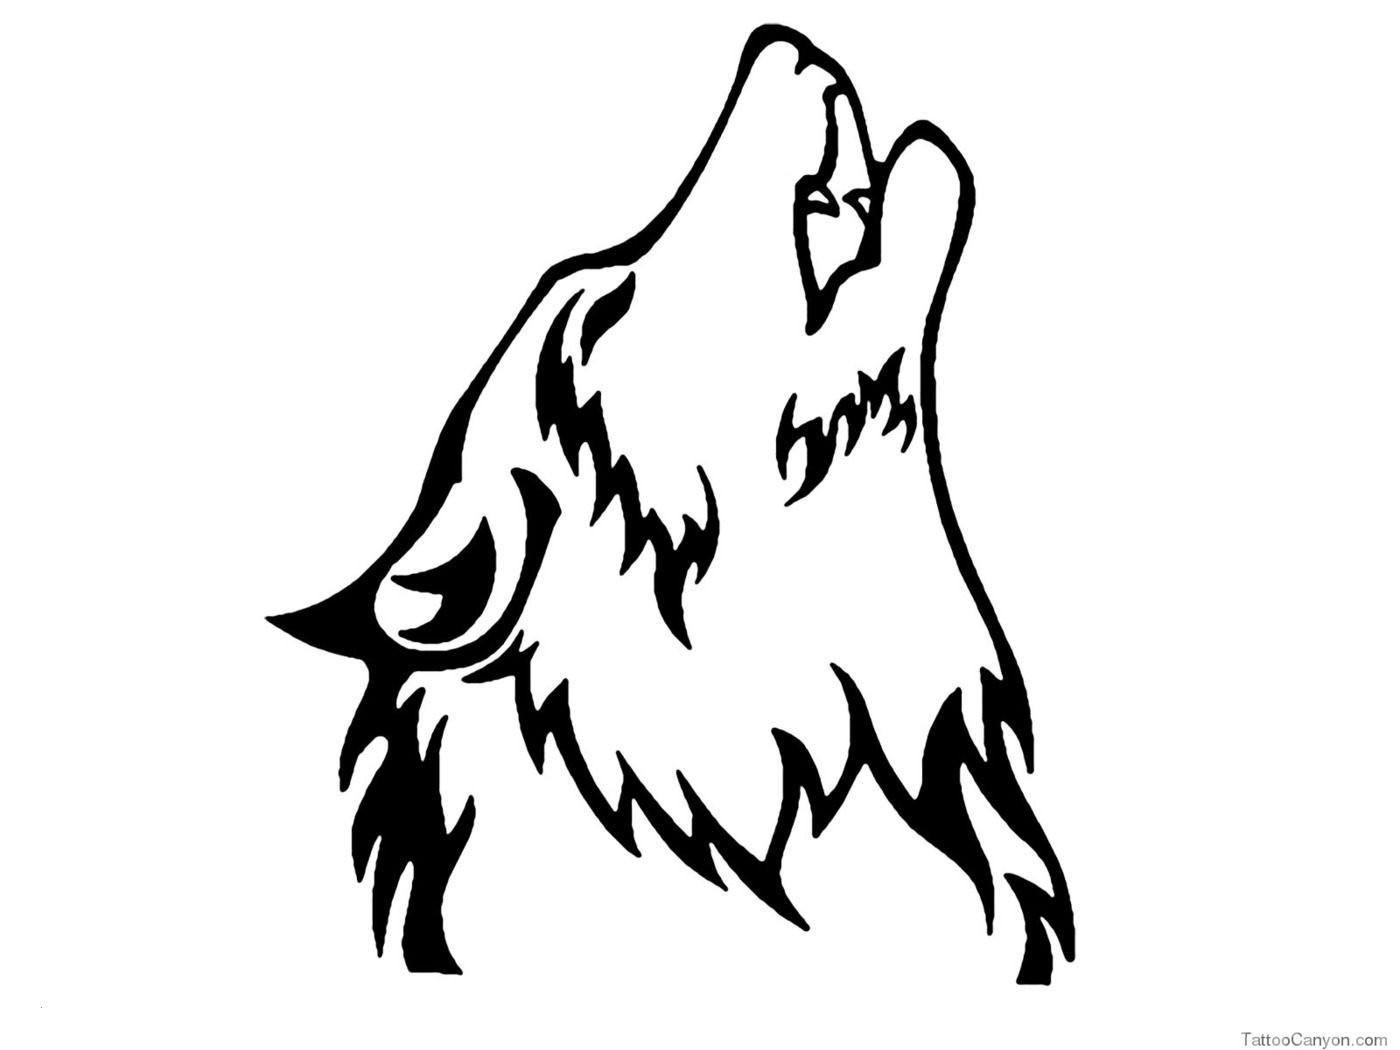 Wolf Bilder Zum Ausmalen Einzigartig Wolf Ausmalbilder Awesome Yoda Ausmalbilder Uploadertalk Beste Das Bild